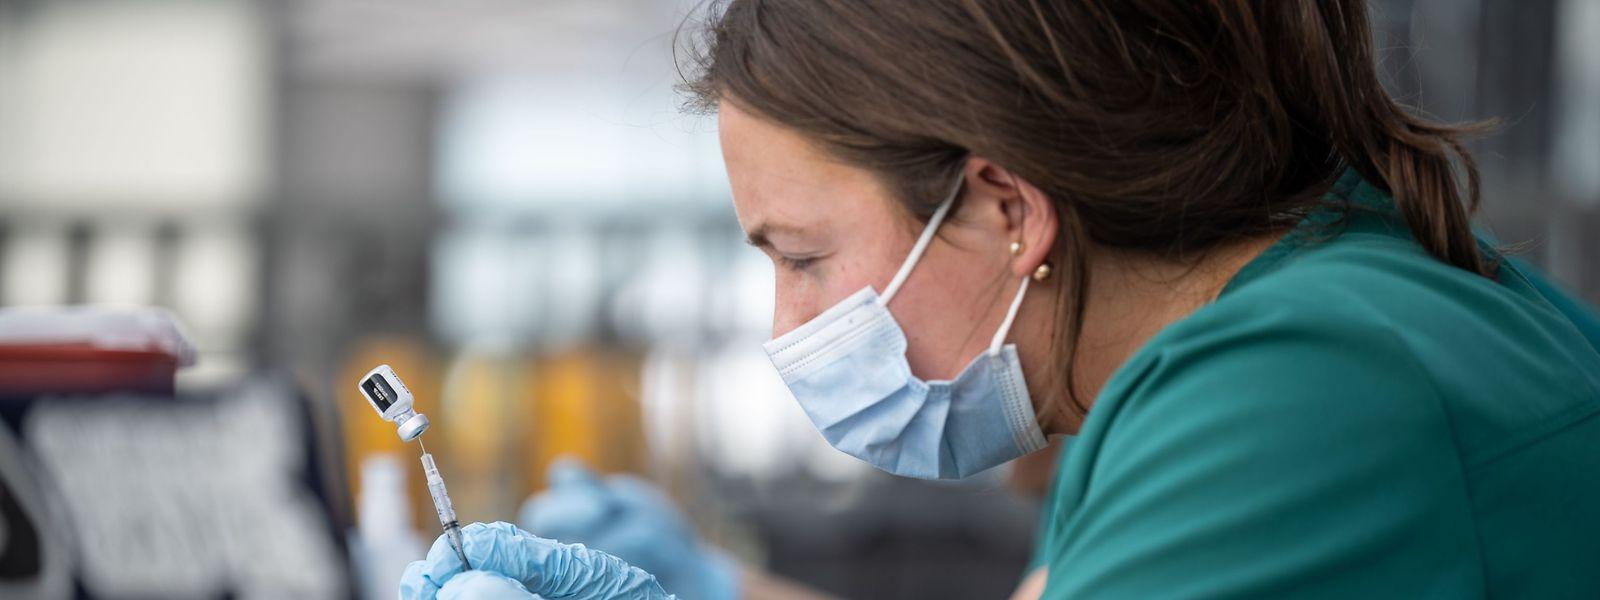 Plus de 180.000 doses de vaccins anti-covid ont pu être administrées en quatre mois au Luxembourg.